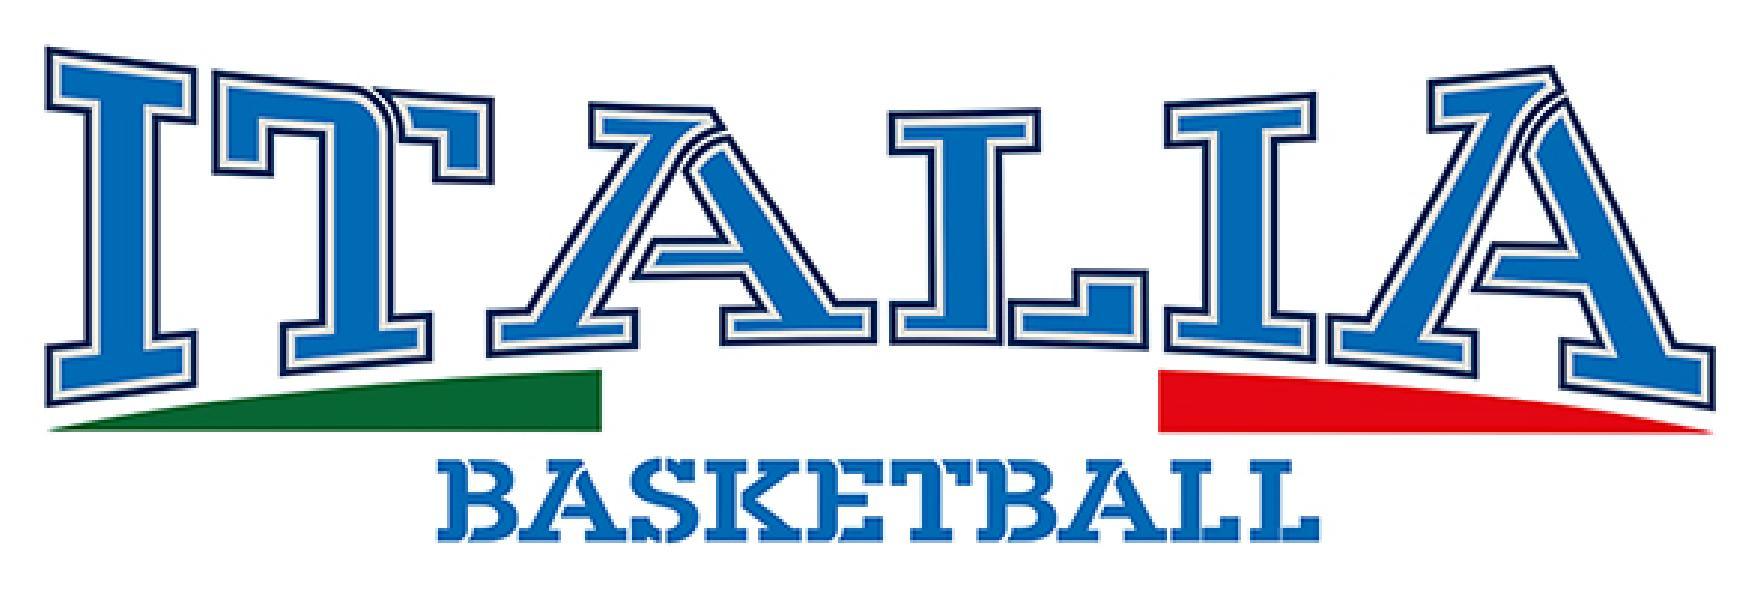 https://www.basketmarche.it/immagini_articoli/27-06-2019/ansevini-malaventura-siepi-convocati-selezione-centro-nazionale-under-600.jpg